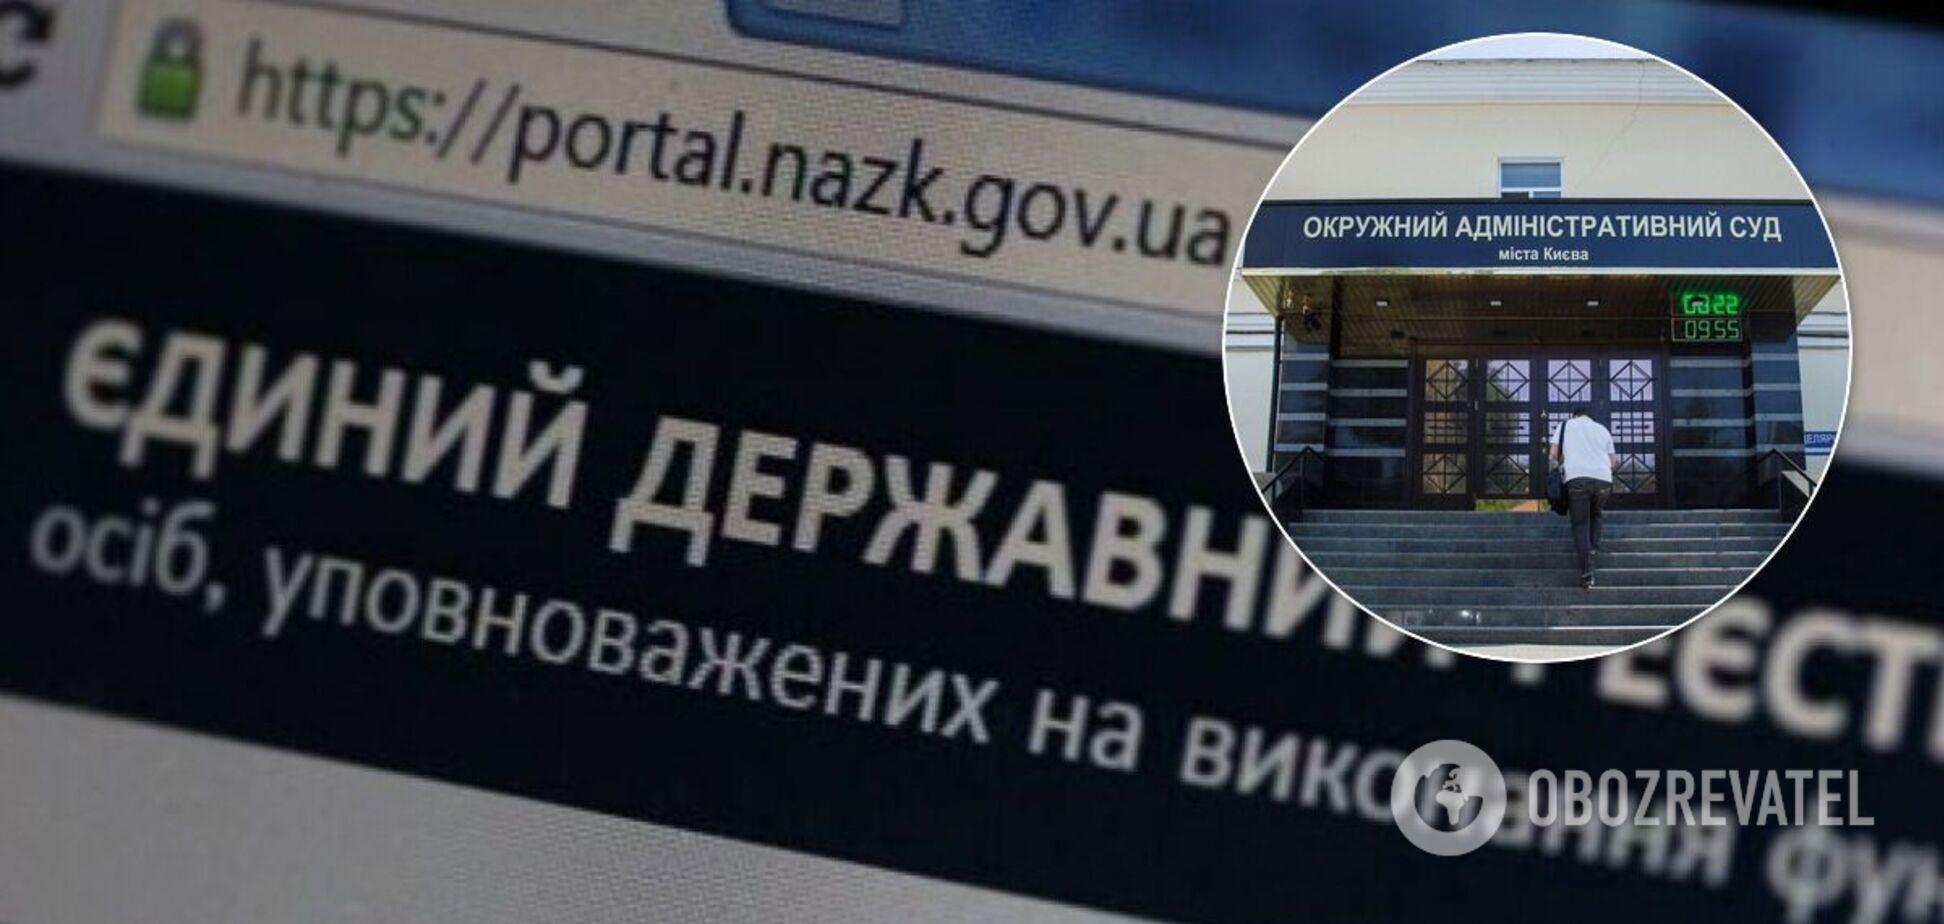 Электронные декларации намерены закрыть через ОАСК